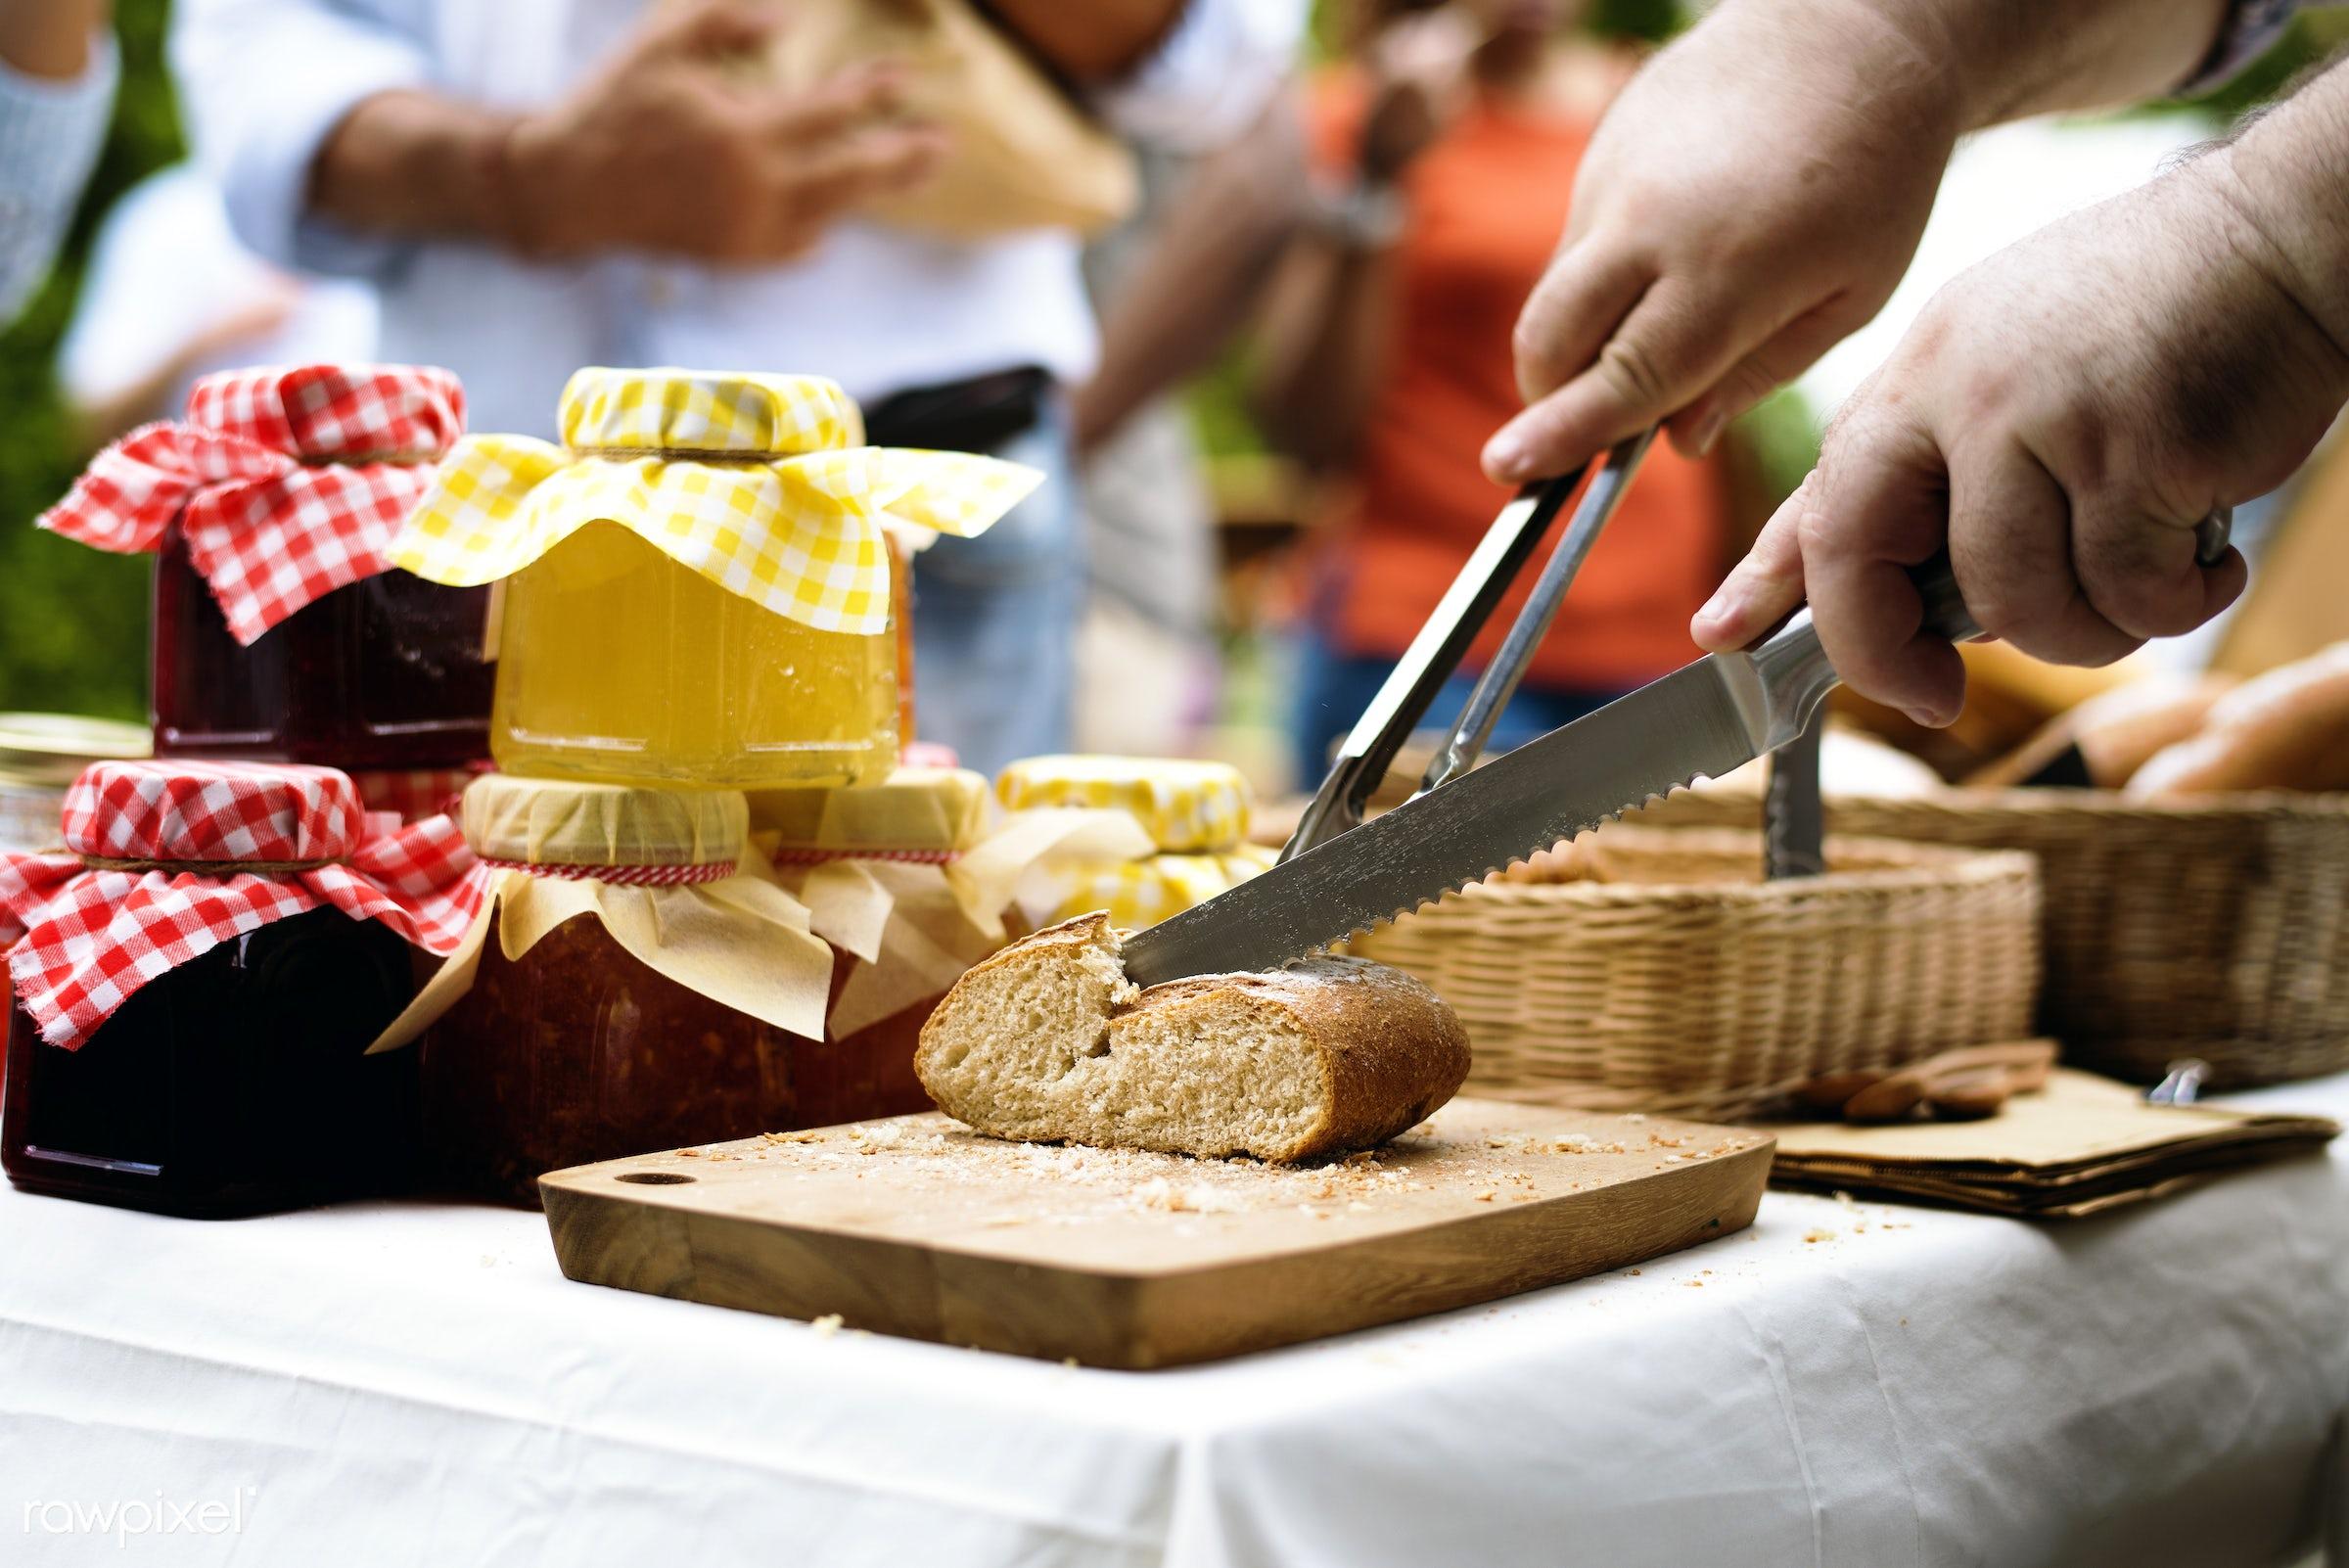 grocery, shop, cutout, stall, cuisine, pastries, bake, goods, homemade, baked, taste, bakery, fresh, bread, various, jam,...